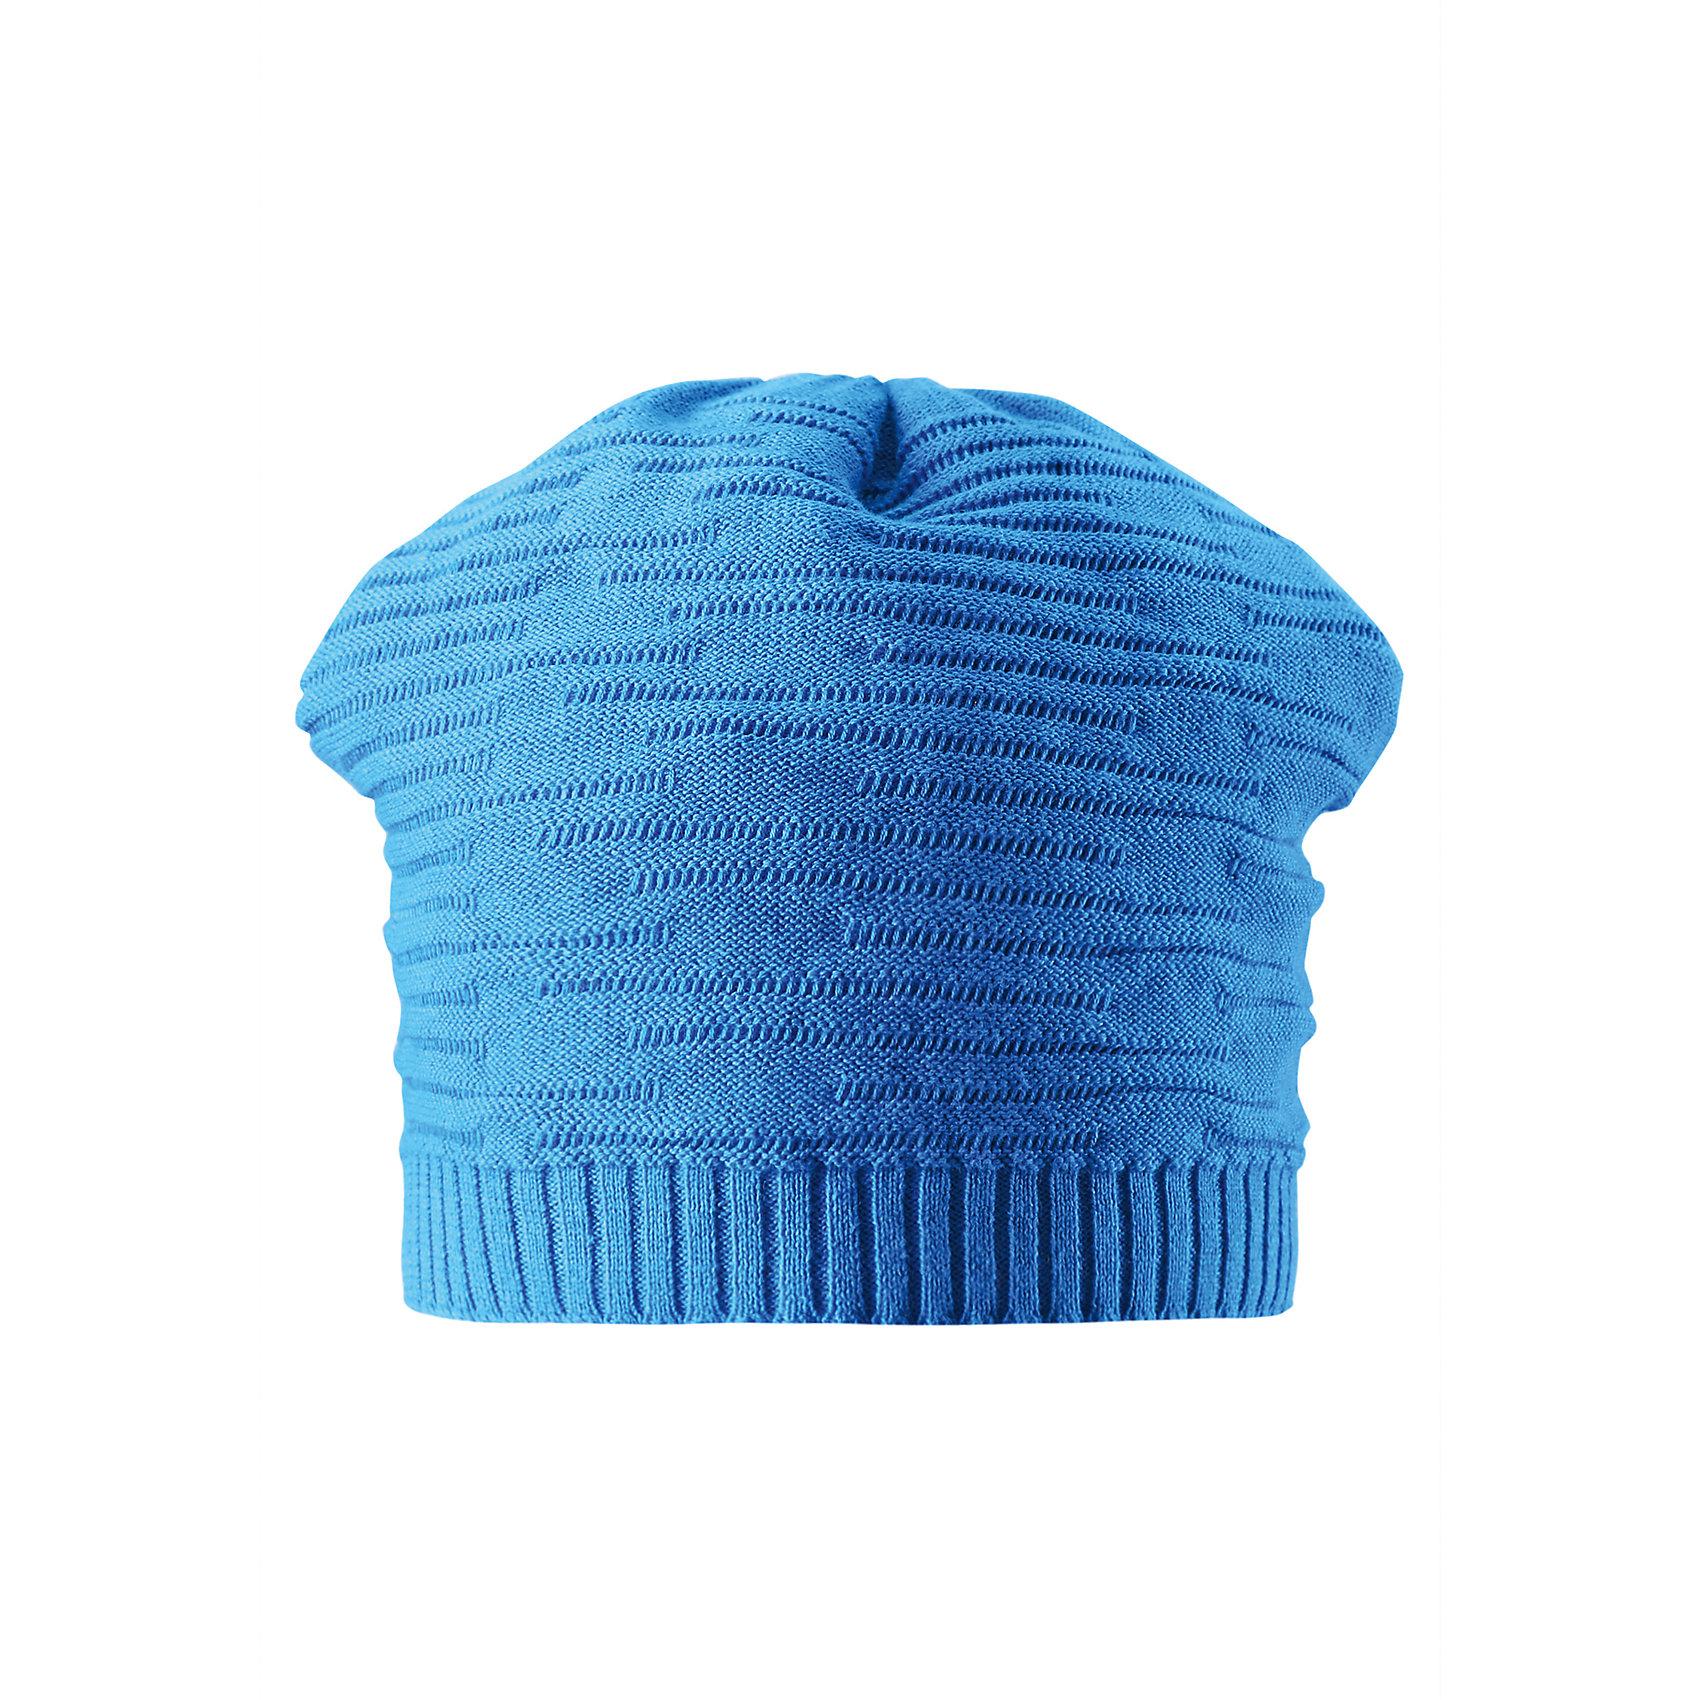 Шапка для мальчика ReimaУютная и теплая, но при этом дышащая детская шапочка идеально подойдет для теплых и веселых весенних деньков. Декоративная вязка создает модный образ, а свежие весенние цвета оживят любой наряд! Эта модель не имеет подкладки, поэтому она легкая и отлично подойдет для солнечных дней.<br><br>Дополнительная информация:<br><br>Шапка «Бини» для детей<br>Эластичная хлопчатобумажная ткань<br>Легкий стиль, без подкладки<br>Логотип Reima® сзади<br>Декоративный вязаный узор<br>Состав:<br>100% хлопок<br>Уход:<br>Стирать по отдельности, вывернув наизнанку. Придать первоначальную форму вo влажном виде. Возможна усадка 5 %.<br><br>Ширина мм: 89<br>Глубина мм: 117<br>Высота мм: 44<br>Вес г: 155<br>Цвет: голубой<br>Возраст от месяцев: 36<br>Возраст до месяцев: 48<br>Пол: Мужской<br>Возраст: Детский<br>Размер: 50,54,56,52<br>SKU: 4498298